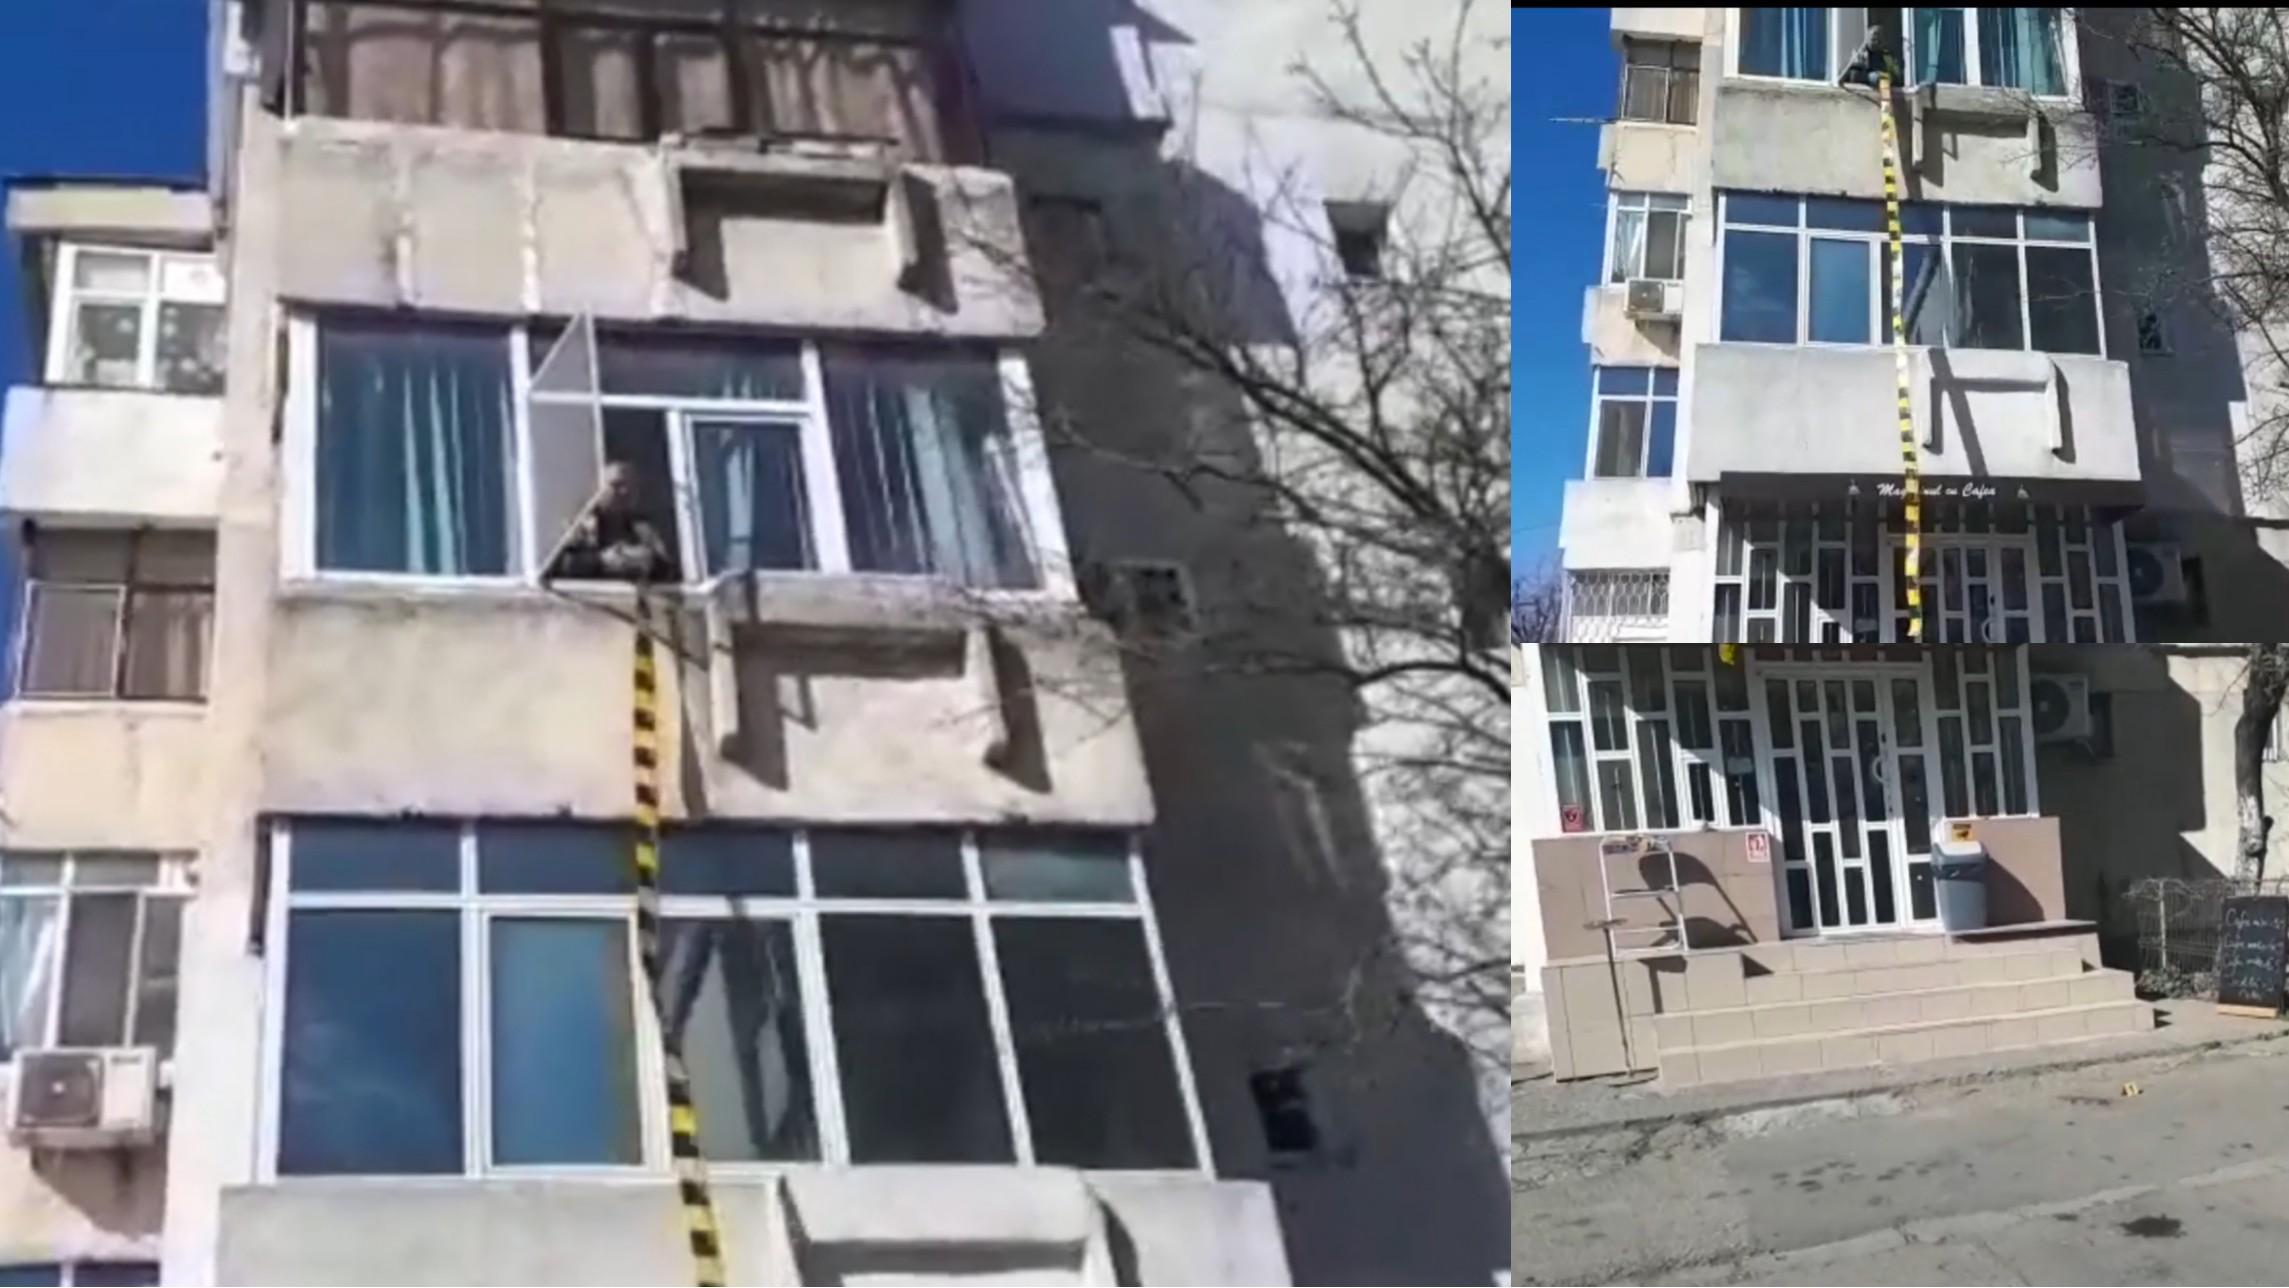 Un băiețel de 2 ani a căzut de la etajul 2, la Constanţa